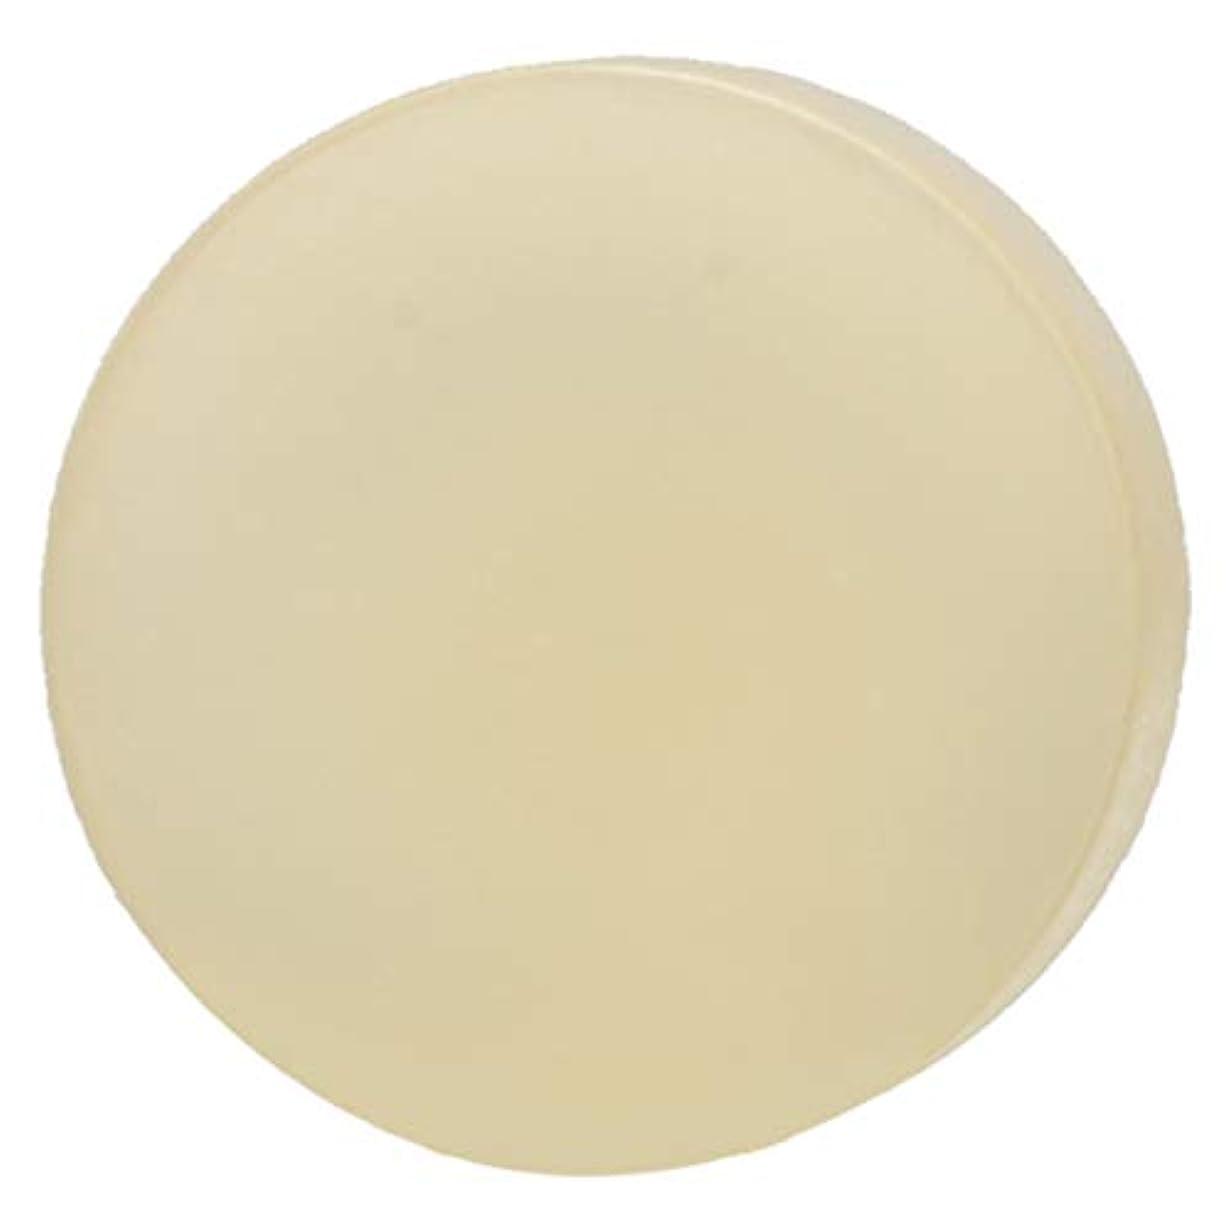 論理的にジャグリング倍増AZRUN(アゼラン) アゼランゼロ ゼロソープ 石鹸 100g